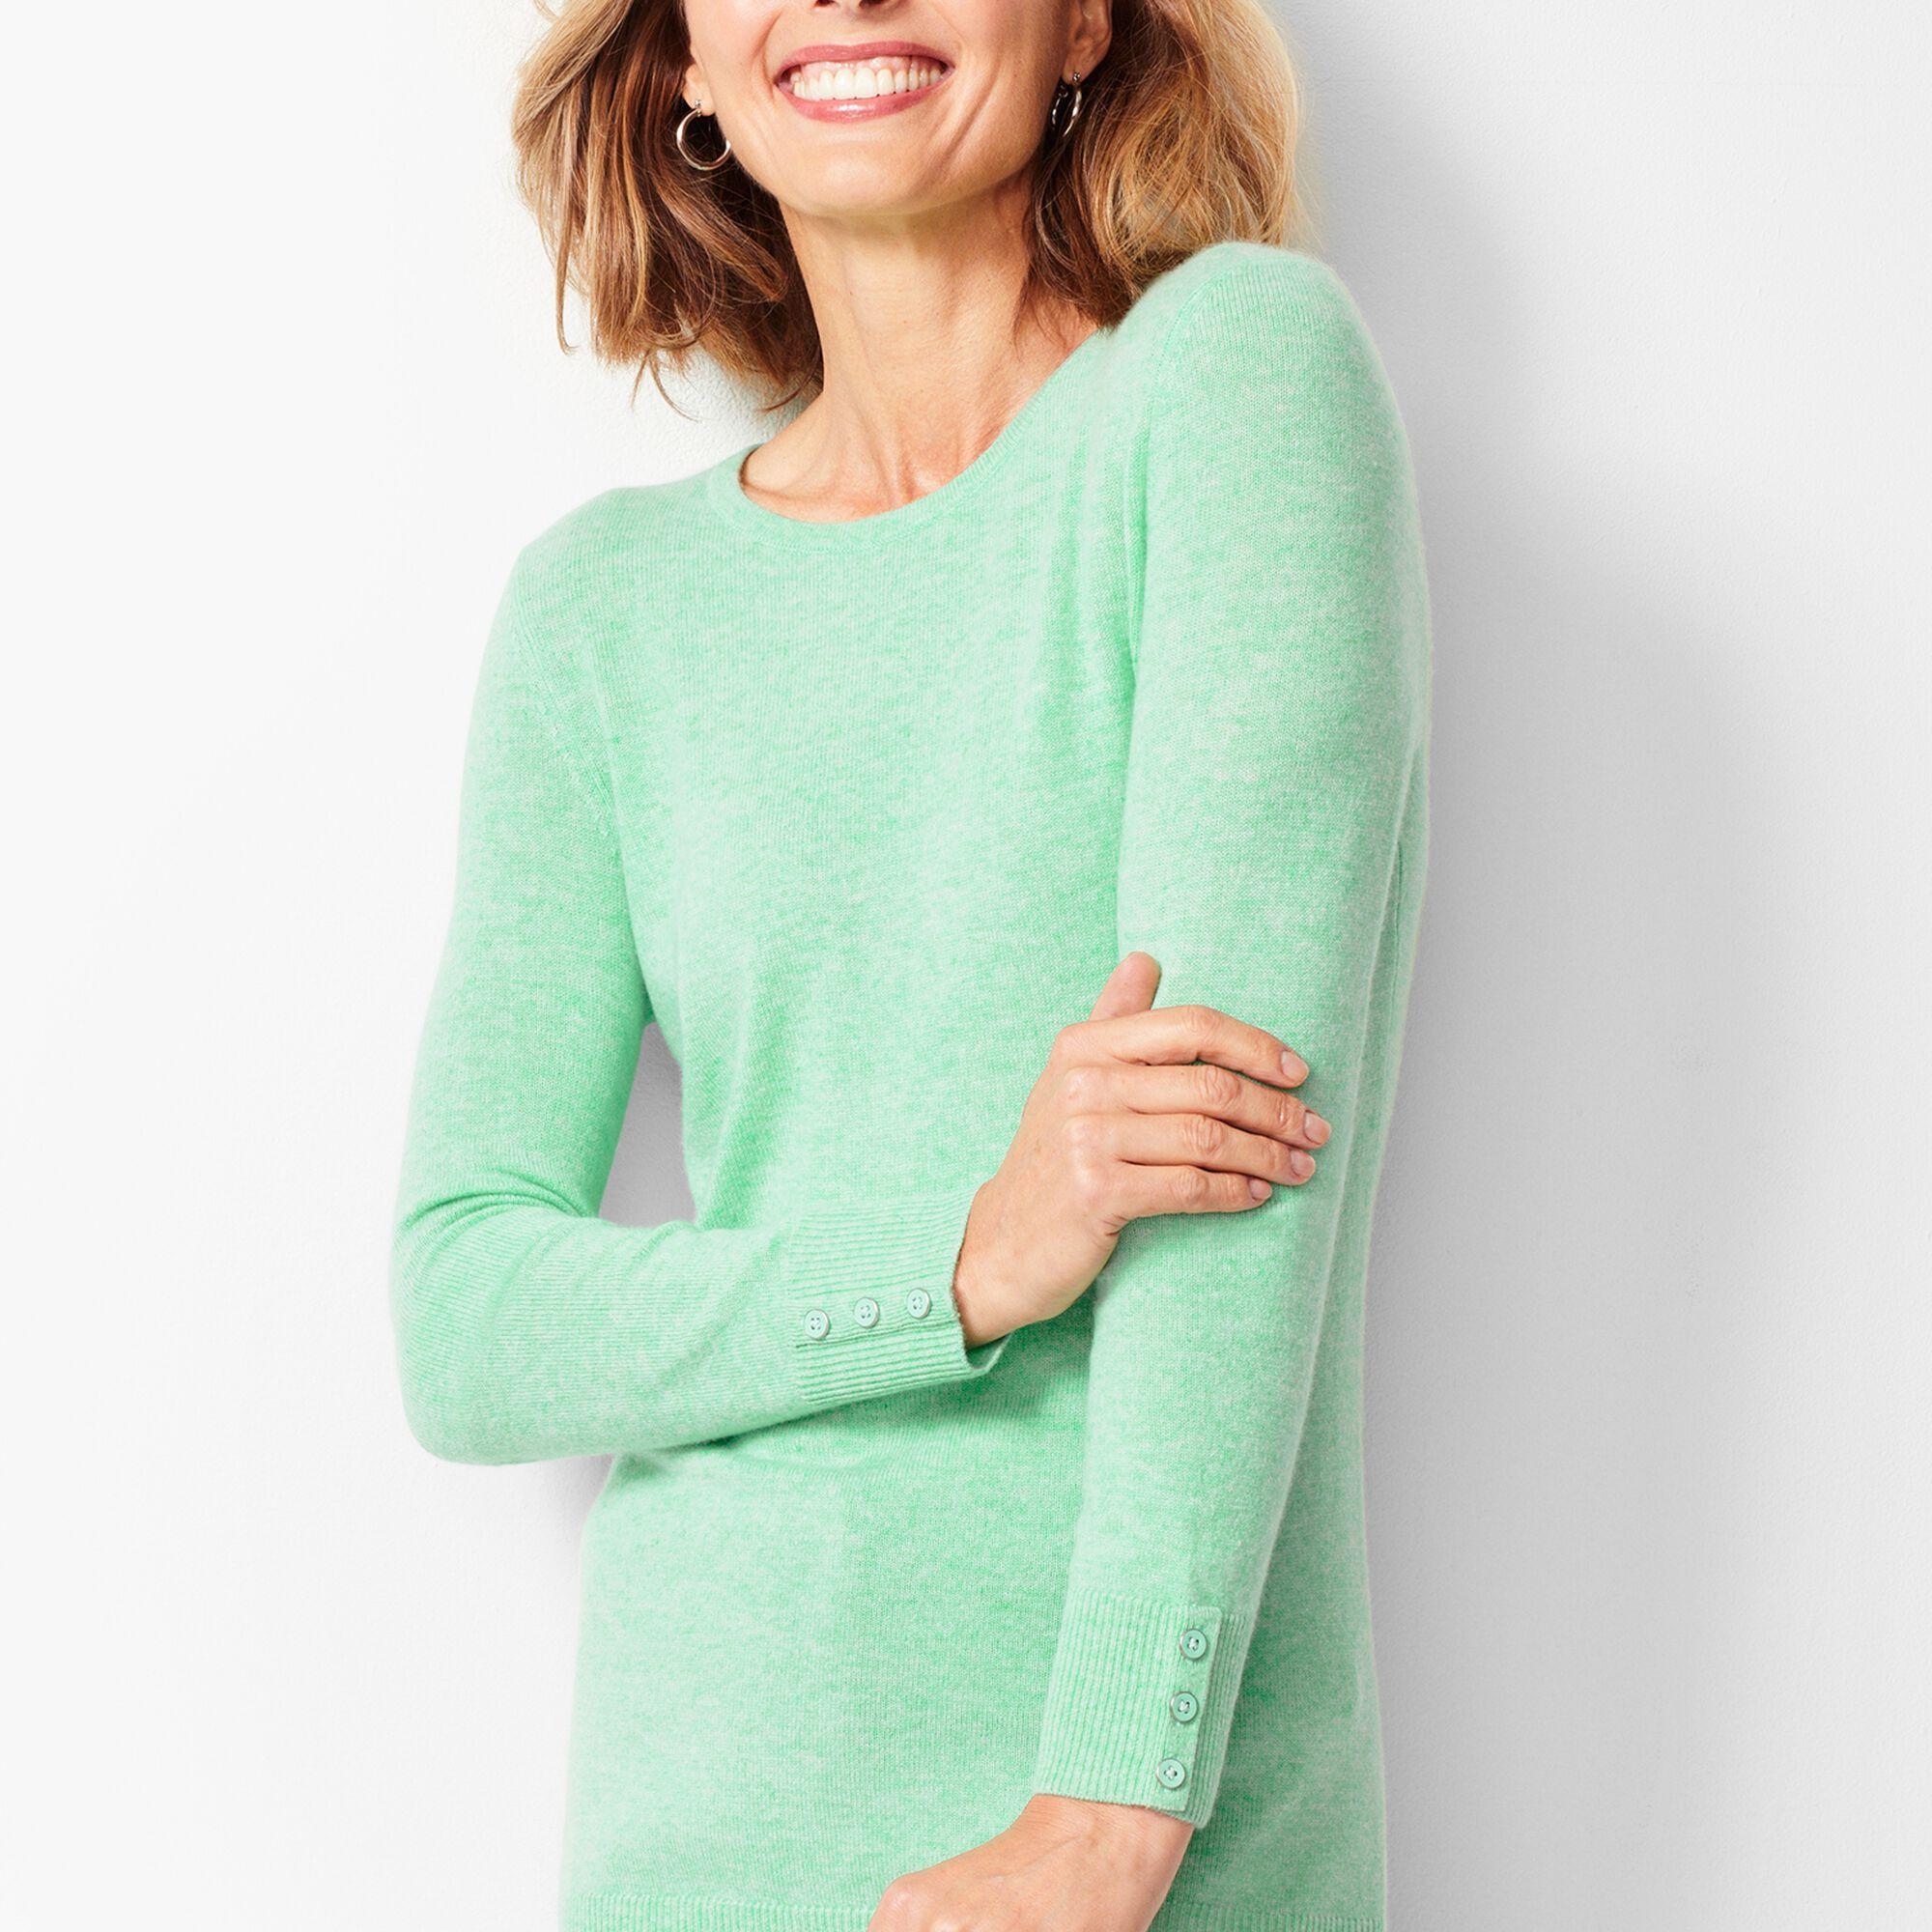 7a596c464 Cashmere Crewneck Sweater